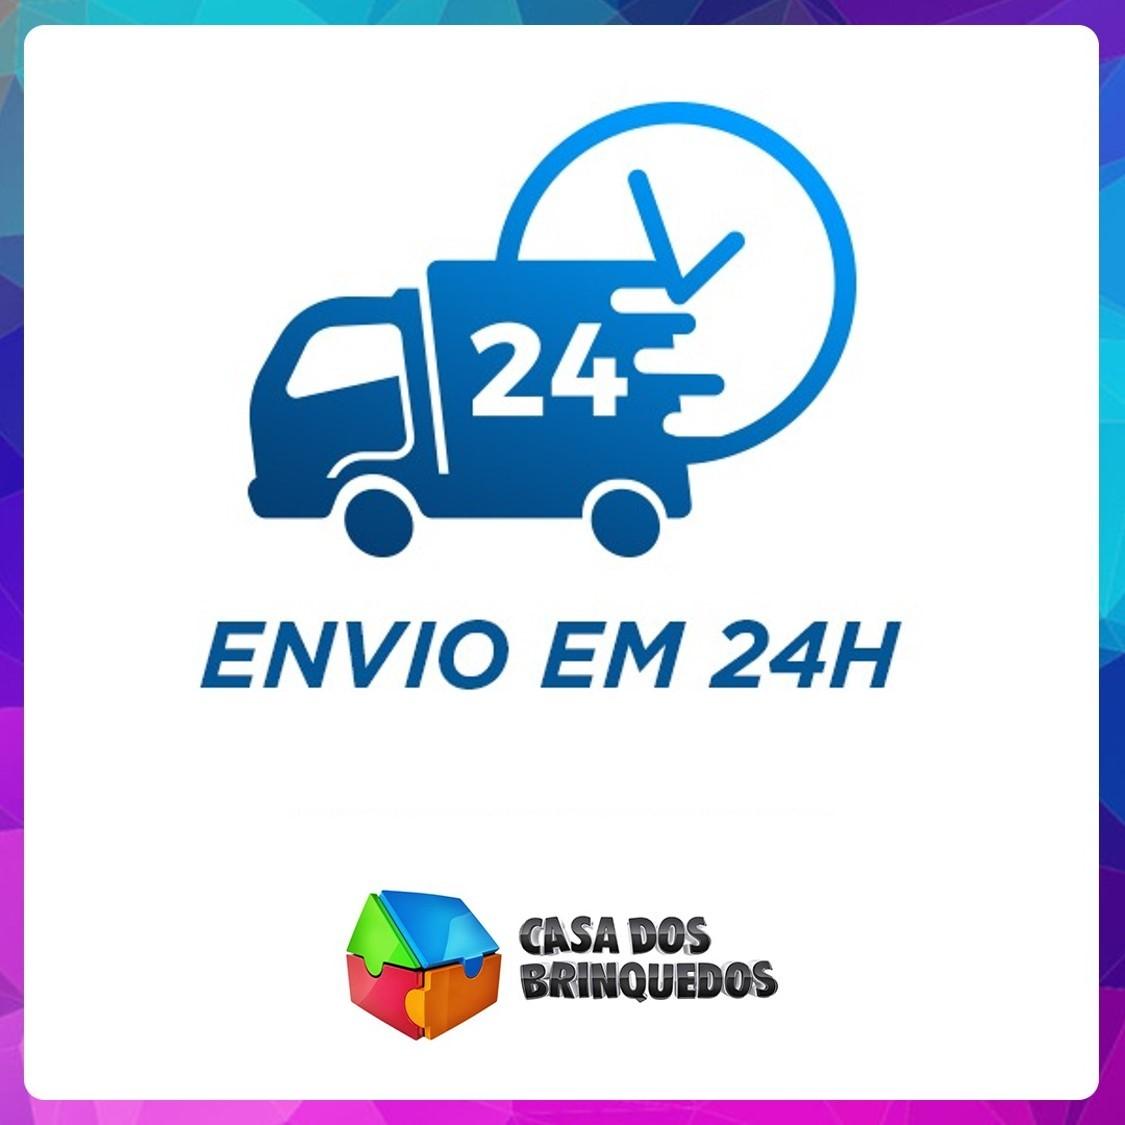 DINOSSAURO TRICERATOPS DE VINIL VB172 DM PLAY